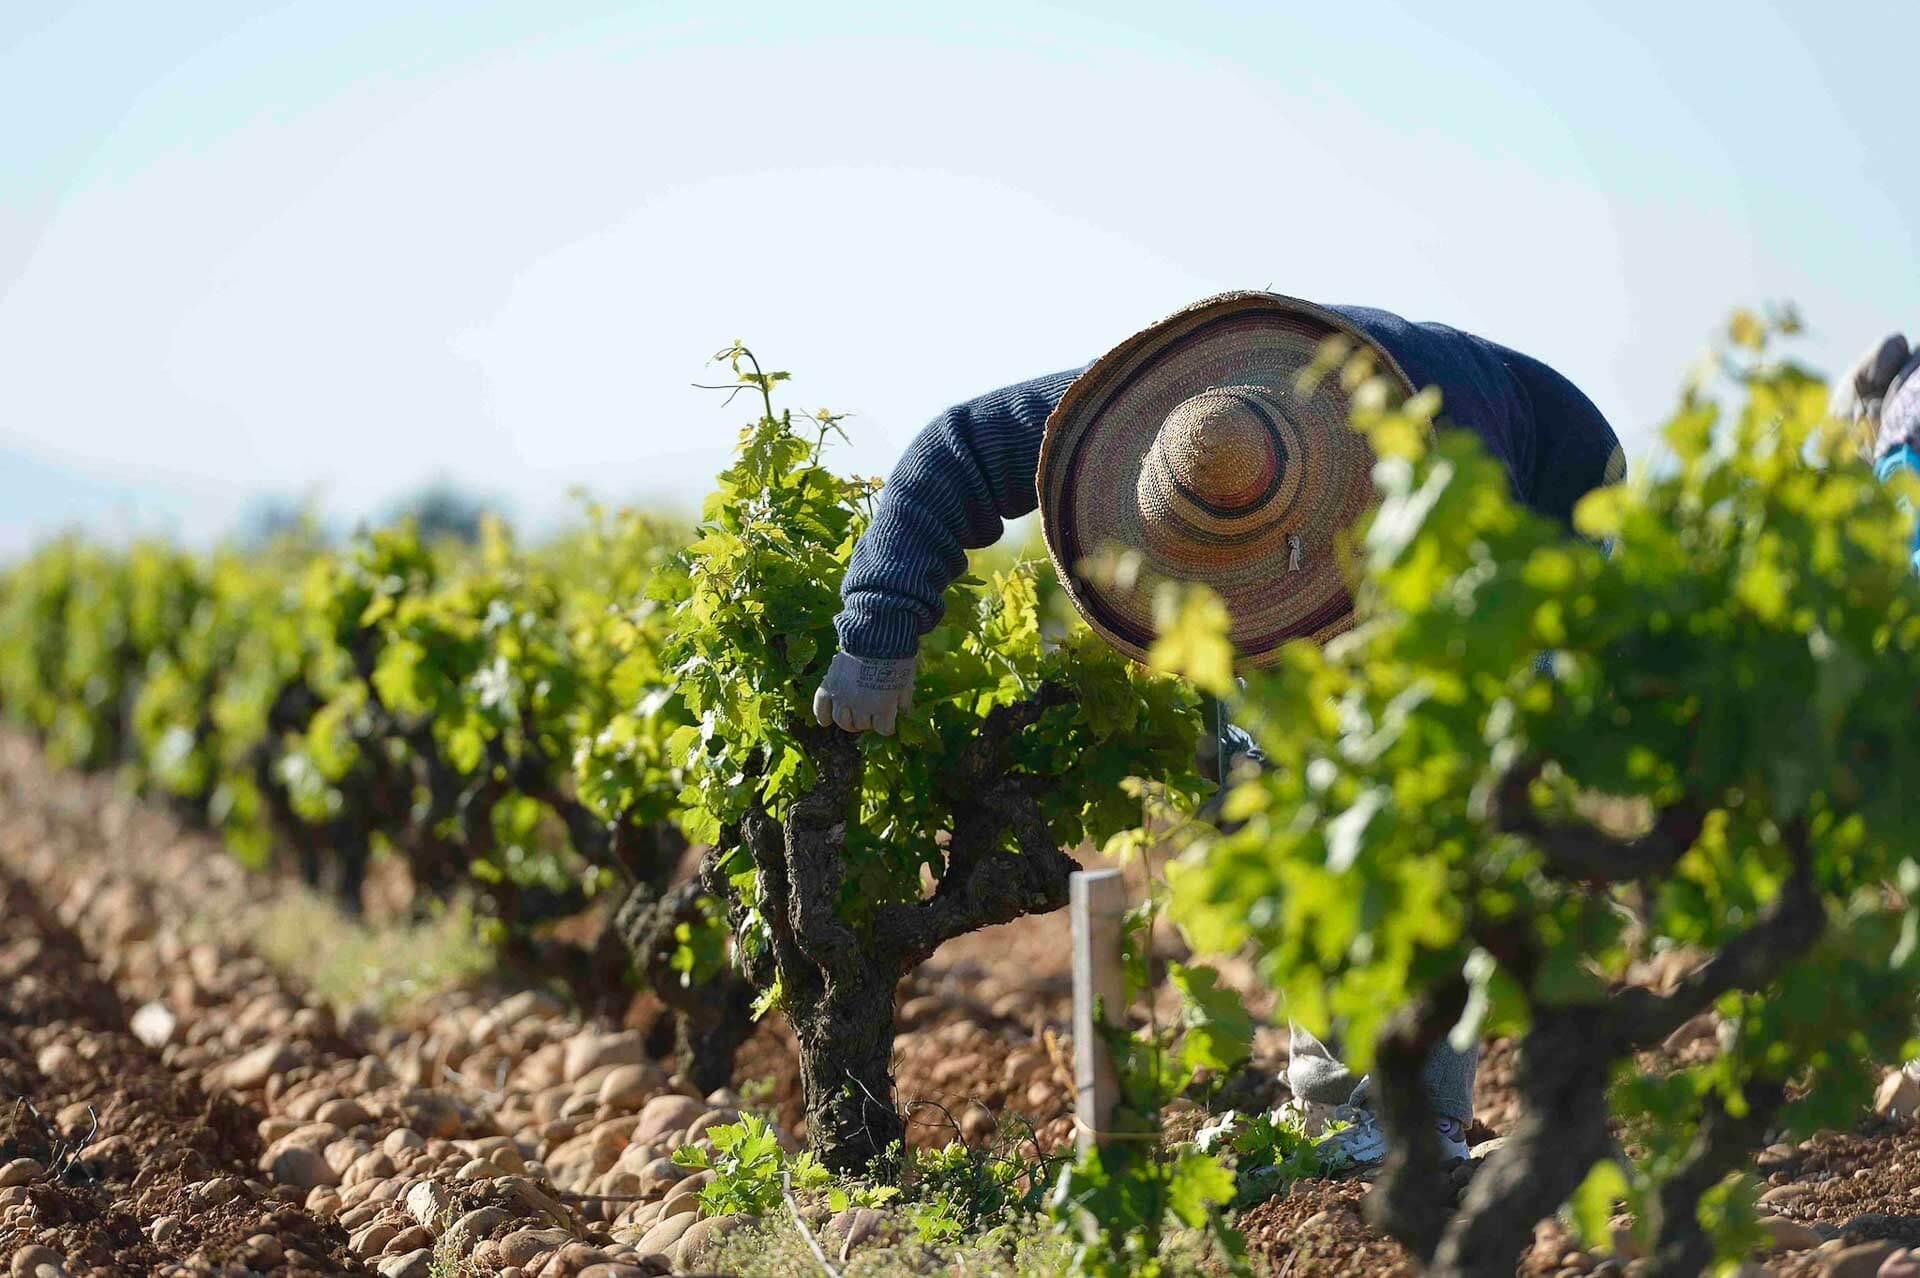 De Châteauneuf-du-Pape à la Route des vins de Provence, suivez notre itinéraire pour un road trip dans les vignobles. Pendant trois jours, découvrez les meilleurs hôtels, domaines, restaurants et sites à visiter dans la région, le temps d'un week-end épicurien.